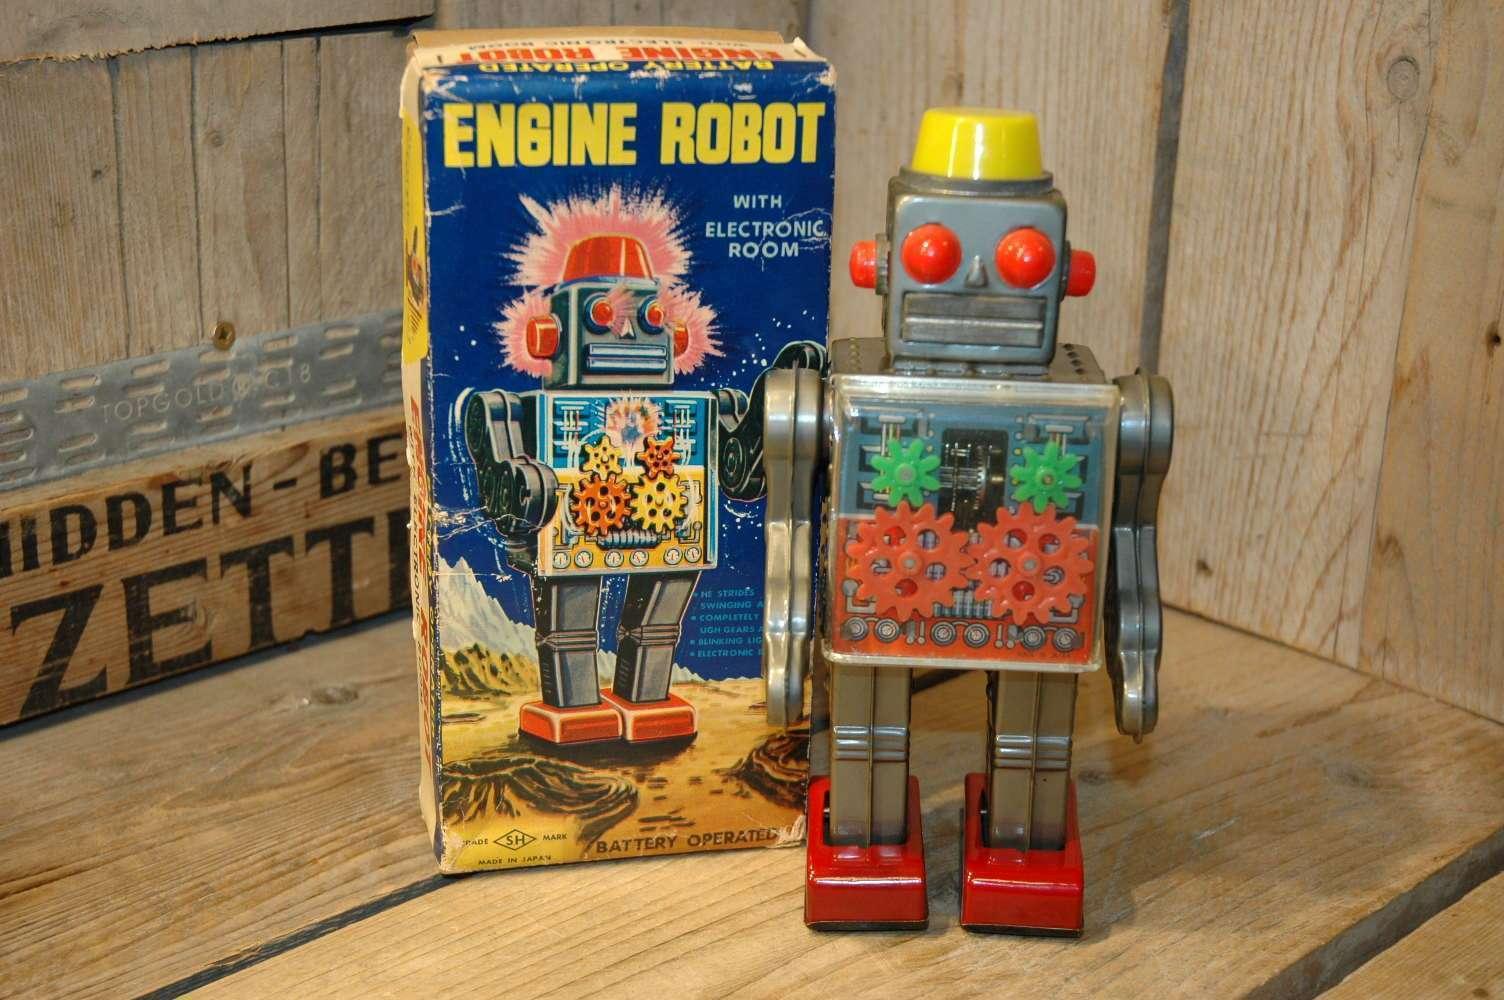 horikawa - engine robot